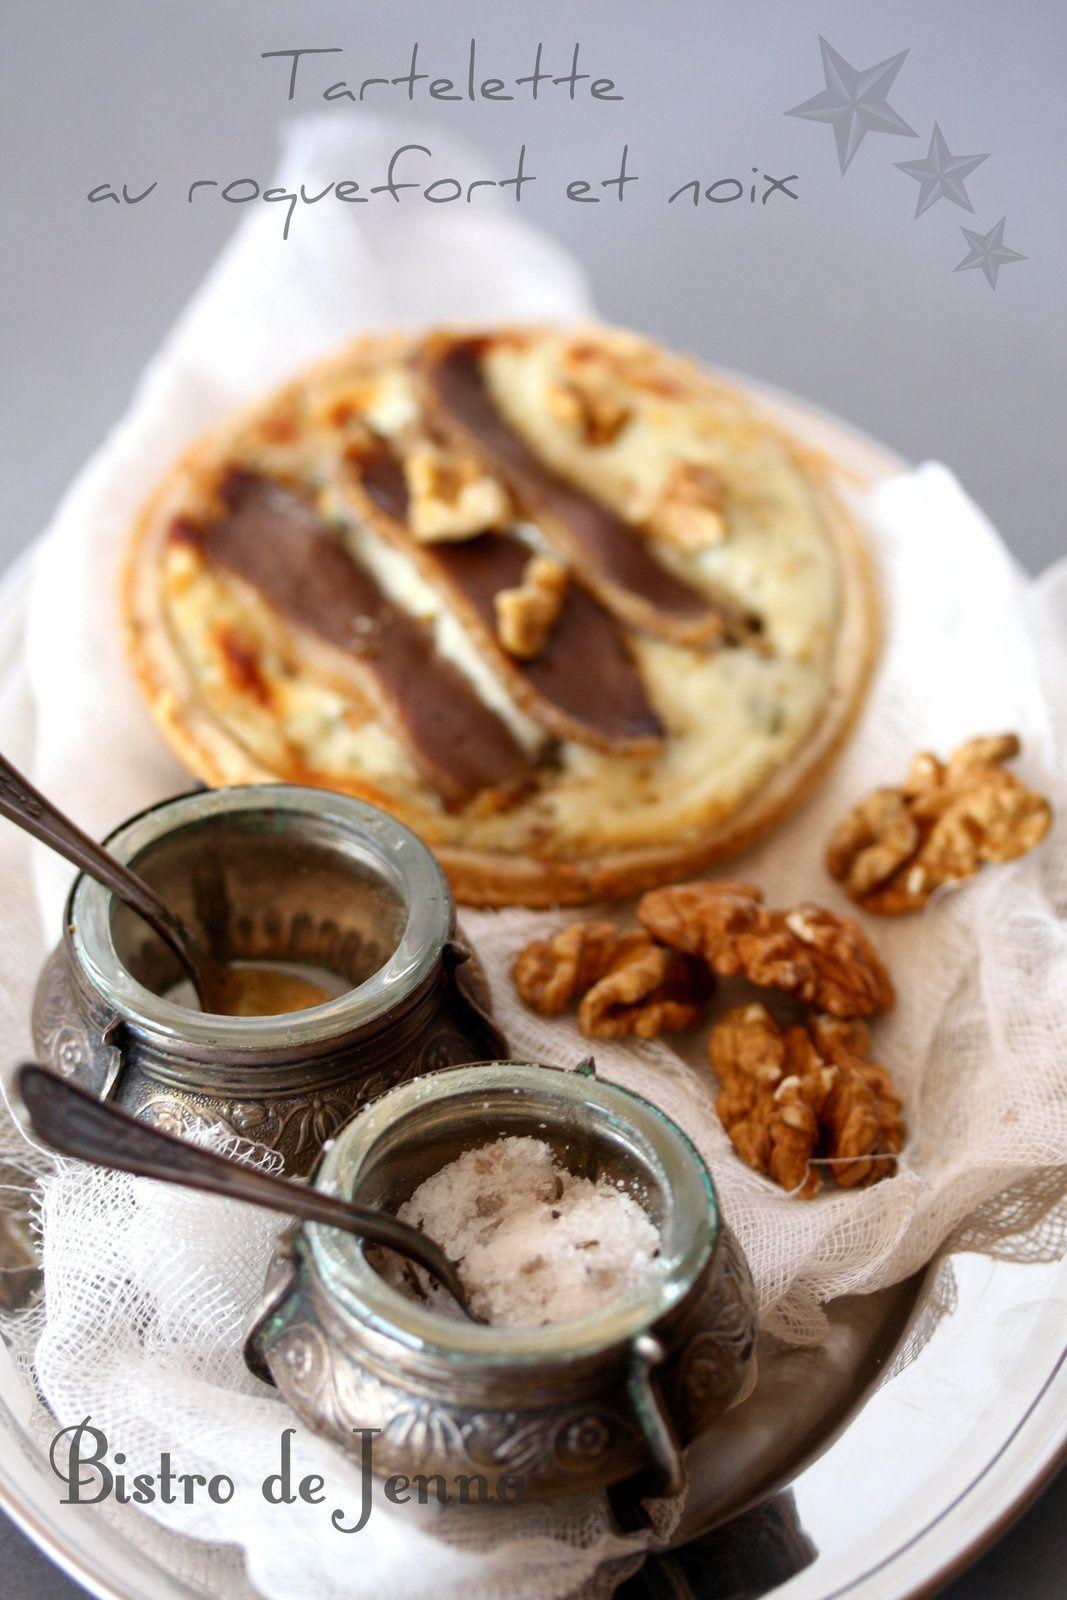 Tartelette au roquefort et noix et magret séché